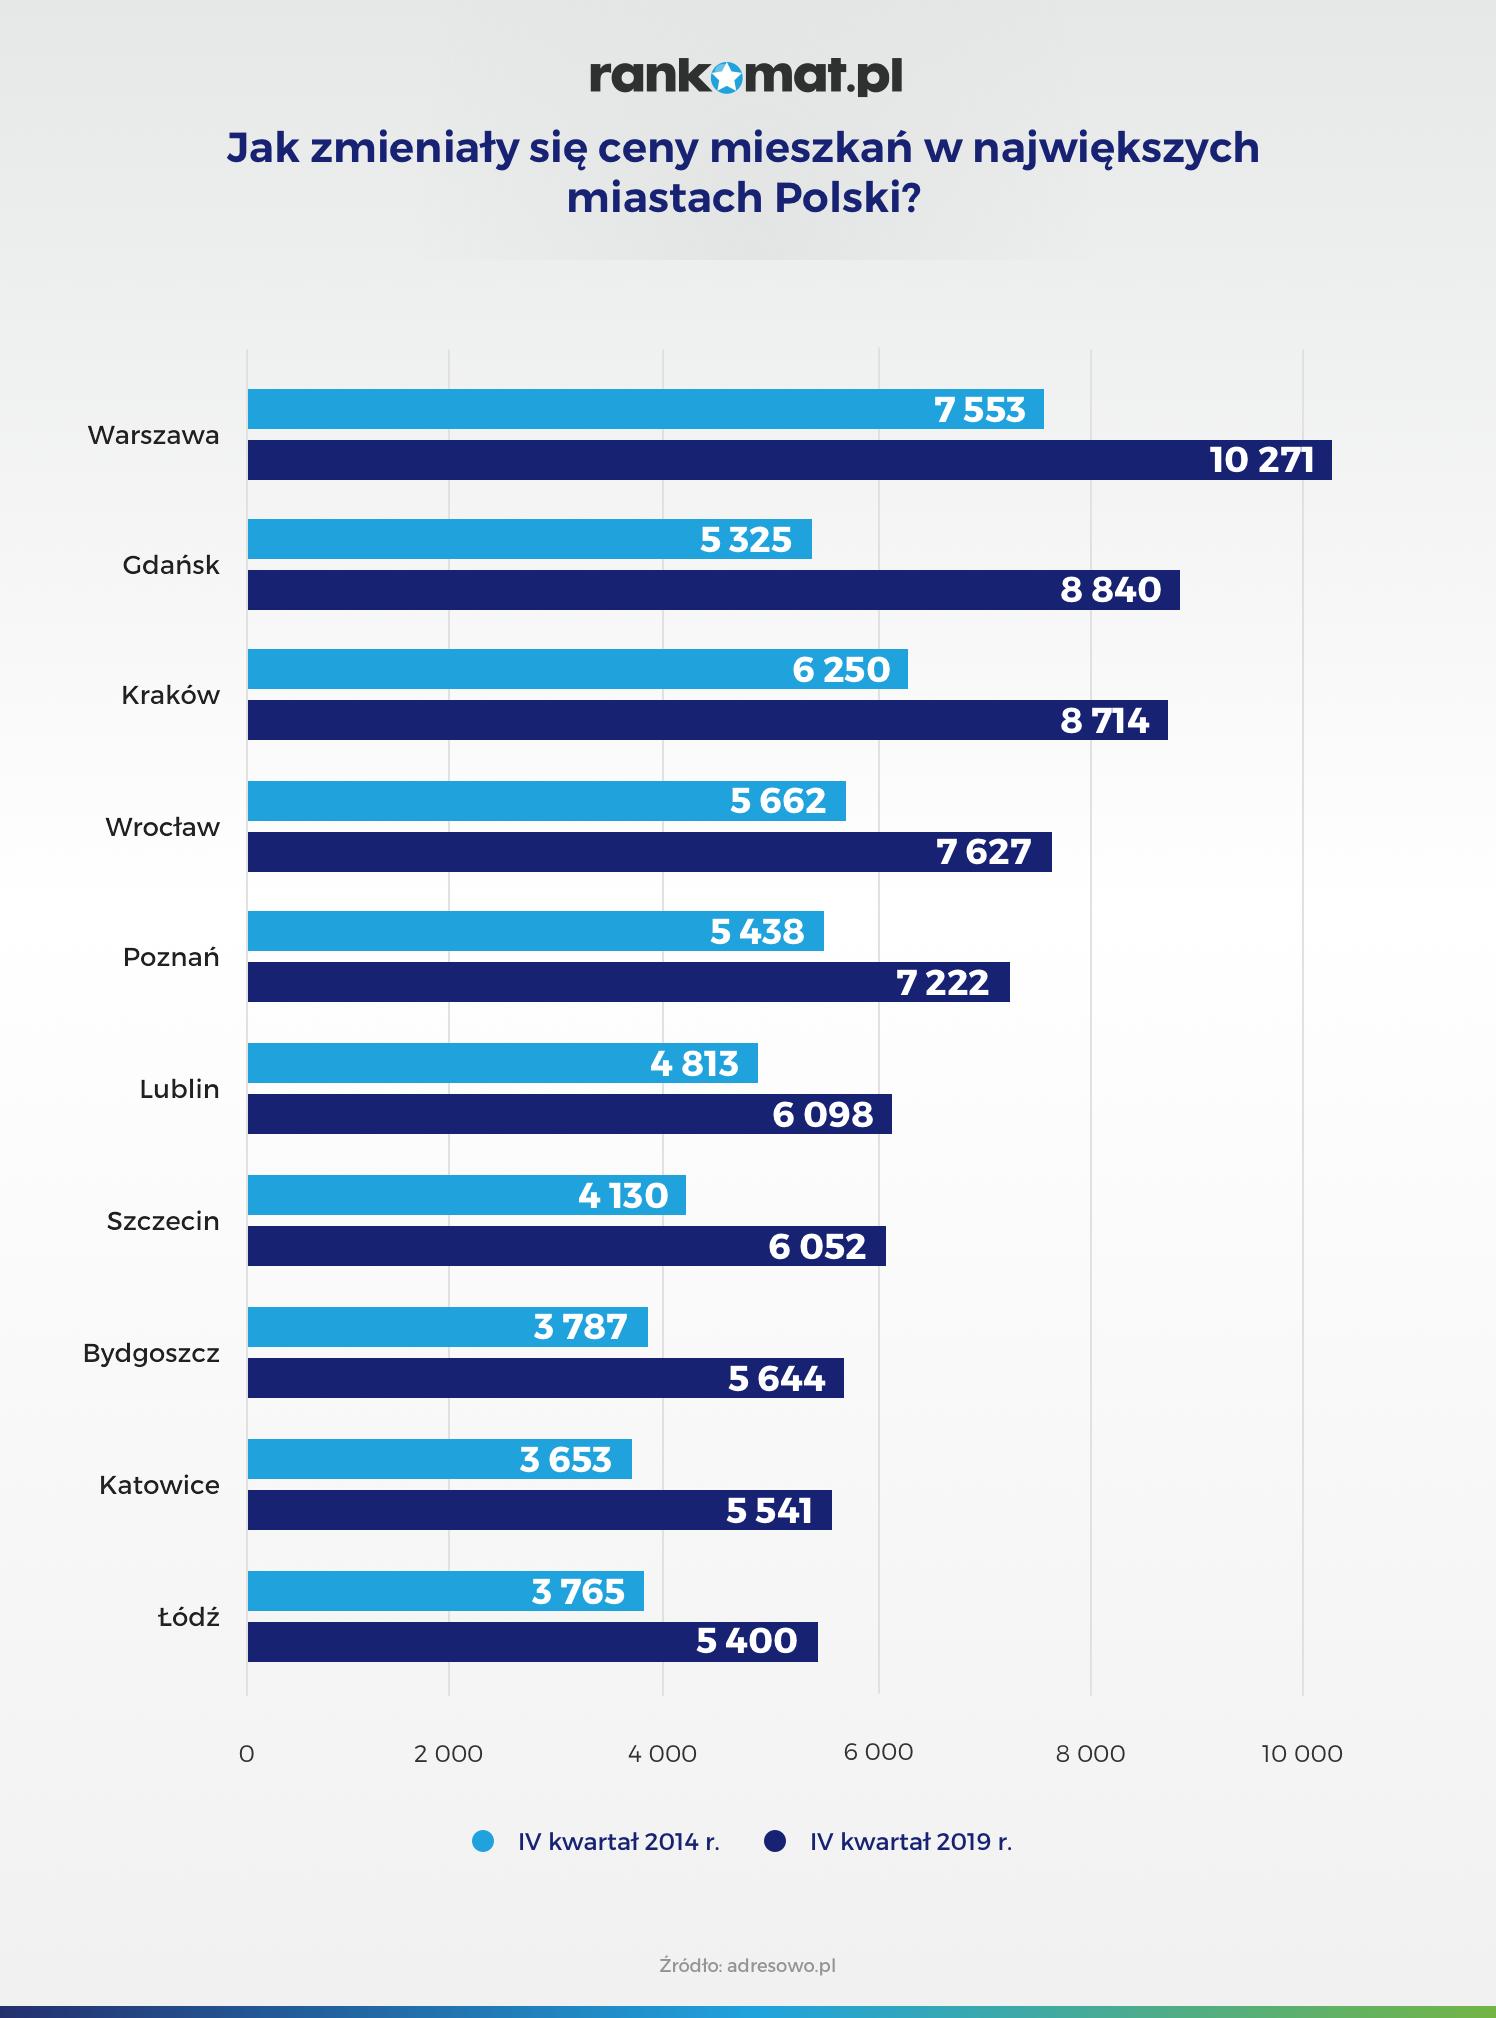 Jak zmieniały się ceny mieszkań w największych miastach Polski_v3 (1)